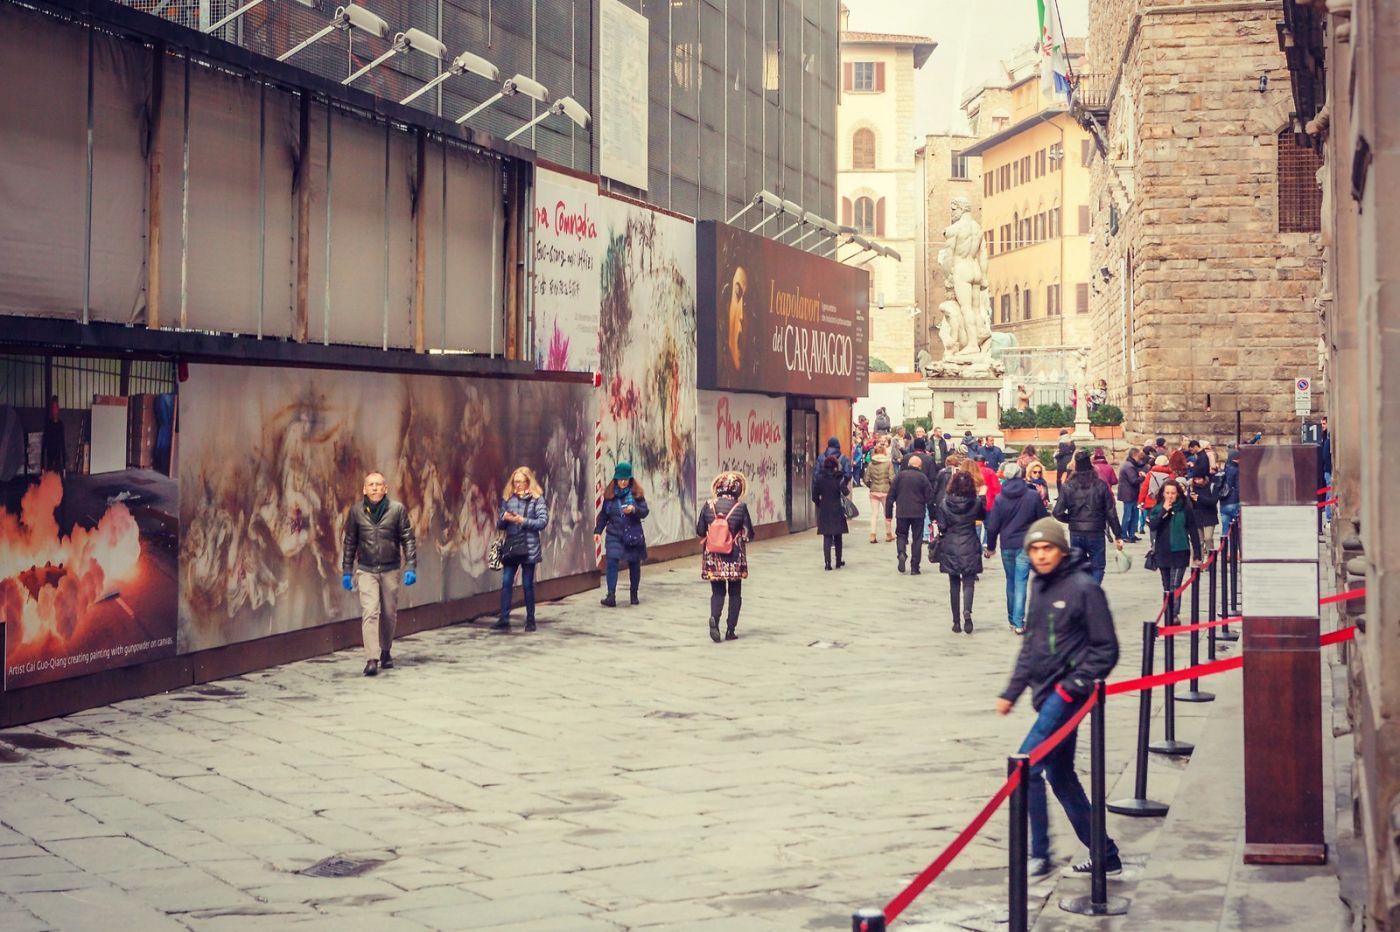 意大利佛罗伦斯乌菲兹美术馆, 进去看一看_图1-24